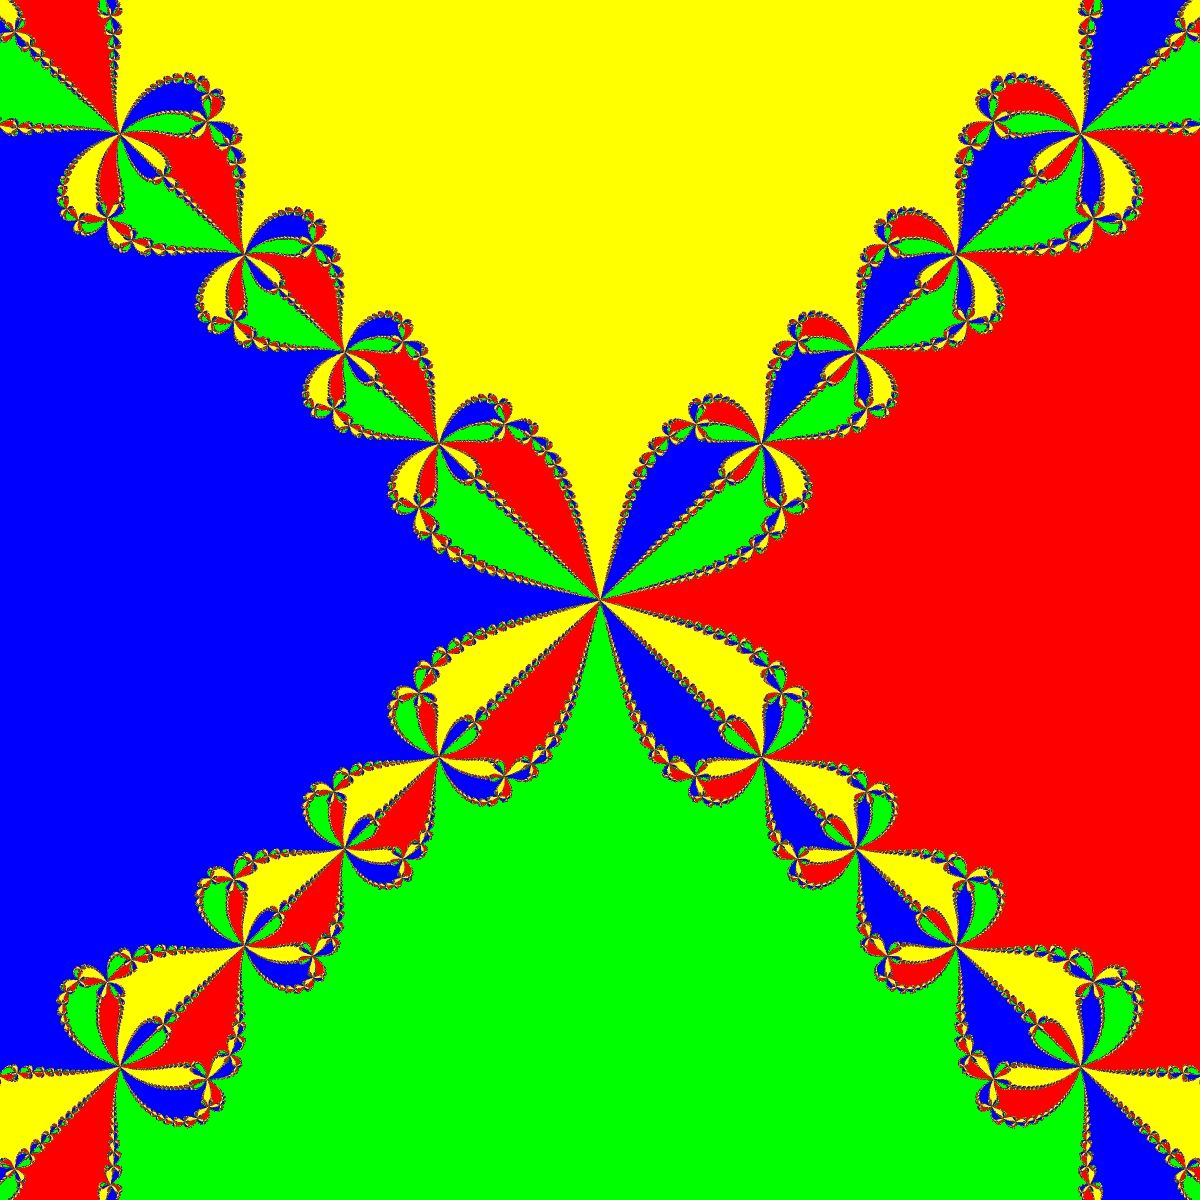 Newton - Basins of Attraction von f(z)=z^4-1